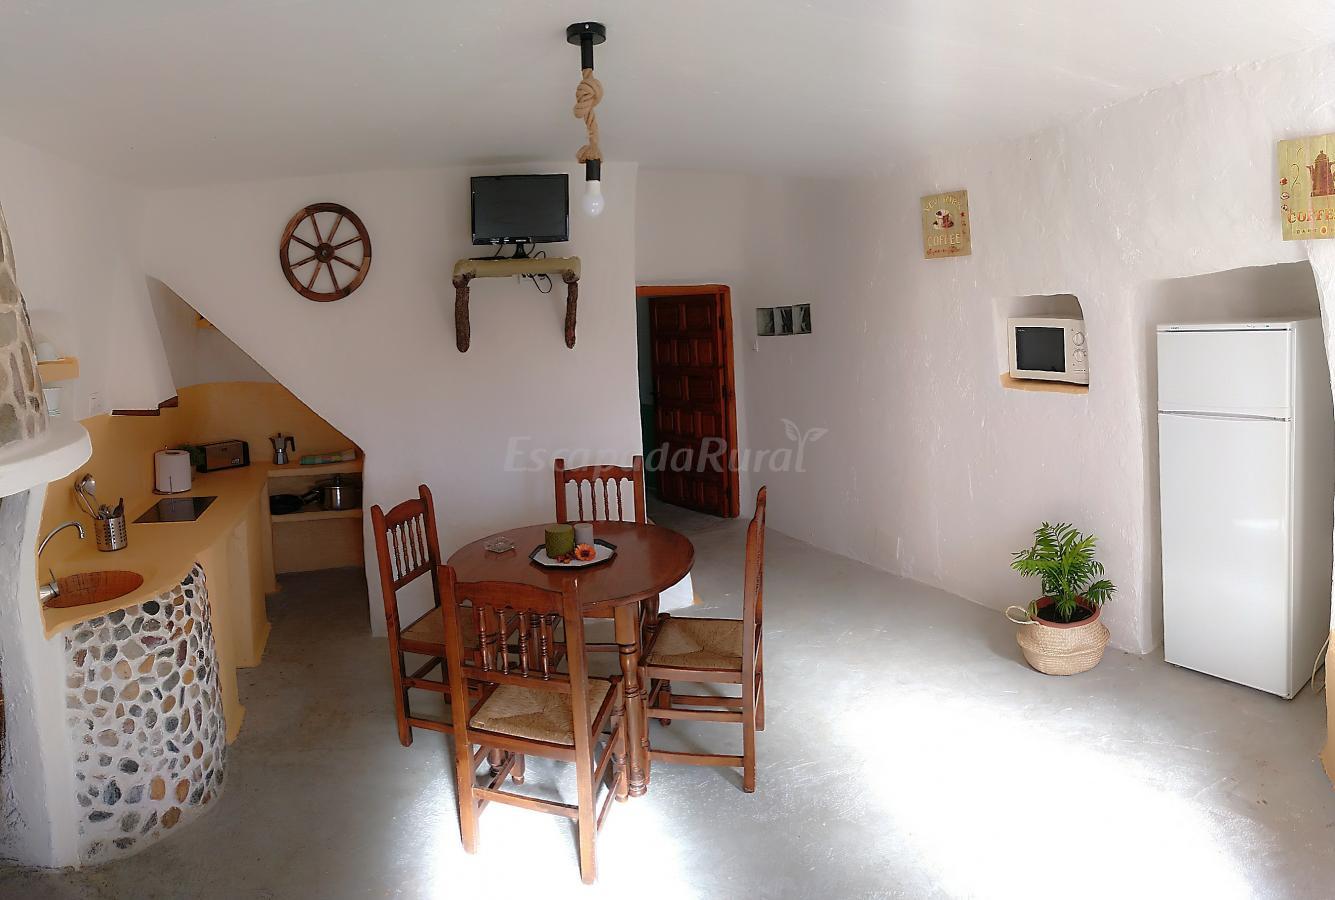 Fotos de cuevas tiana casa rural en baza granada - Baza granada fotos ...